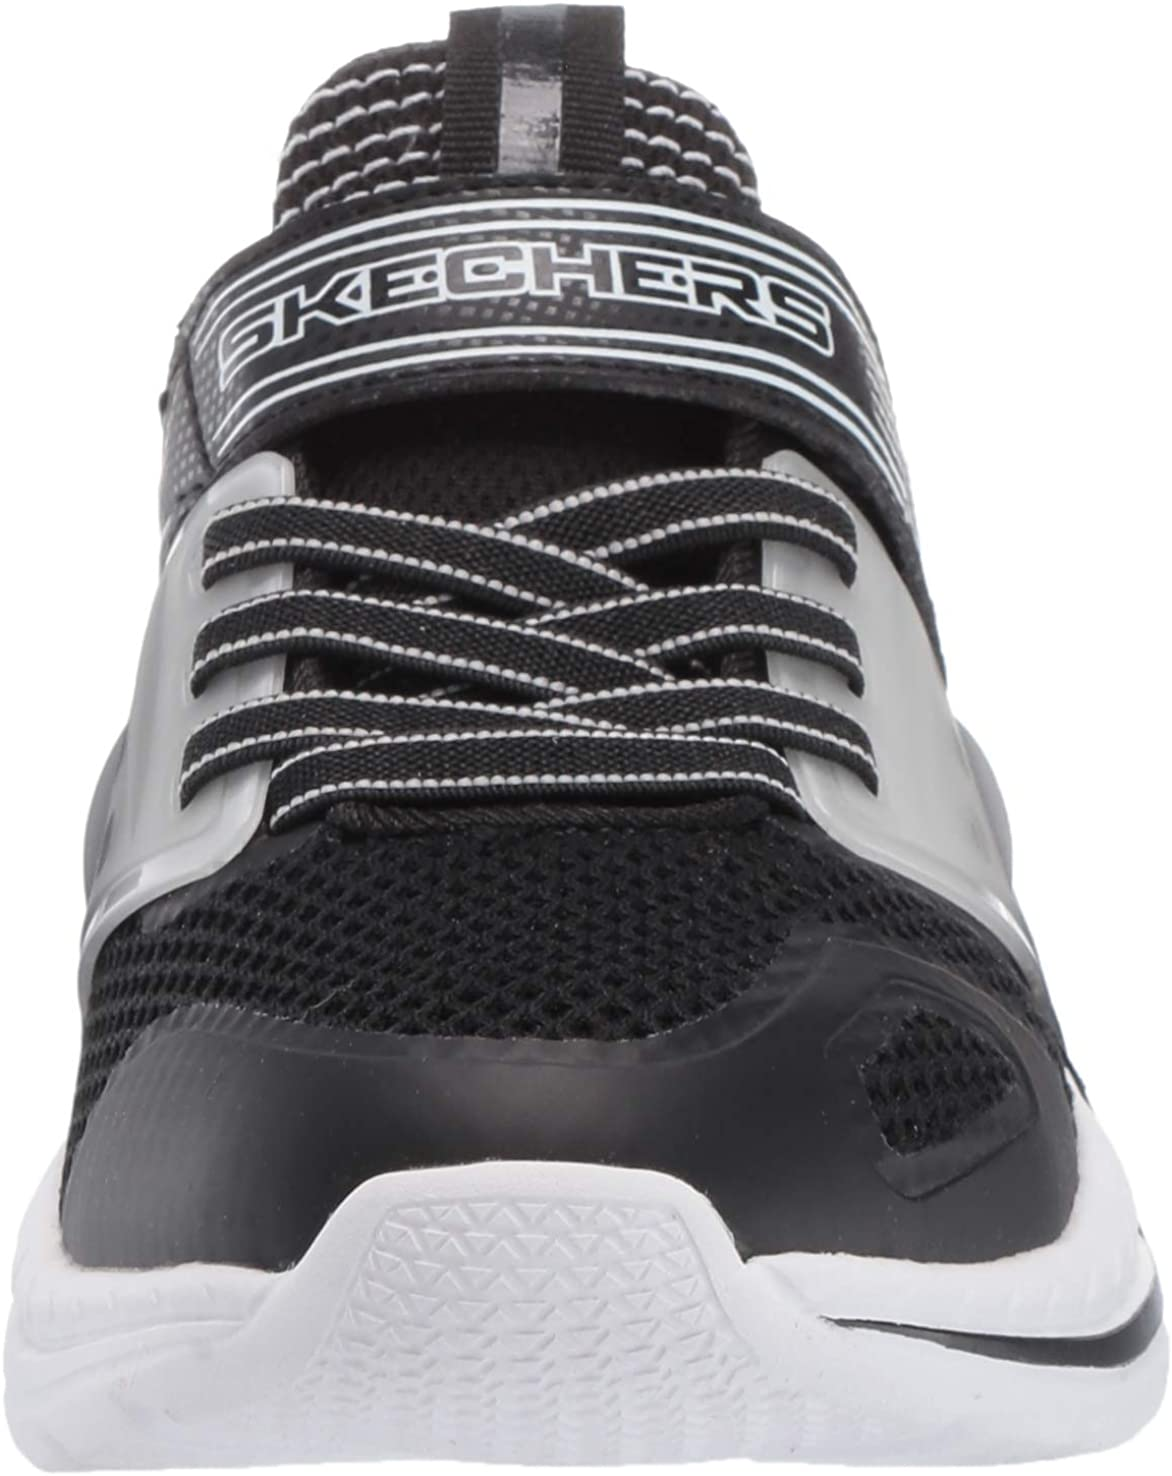 Skechers Kids Nitrate 2.0 Sneaker